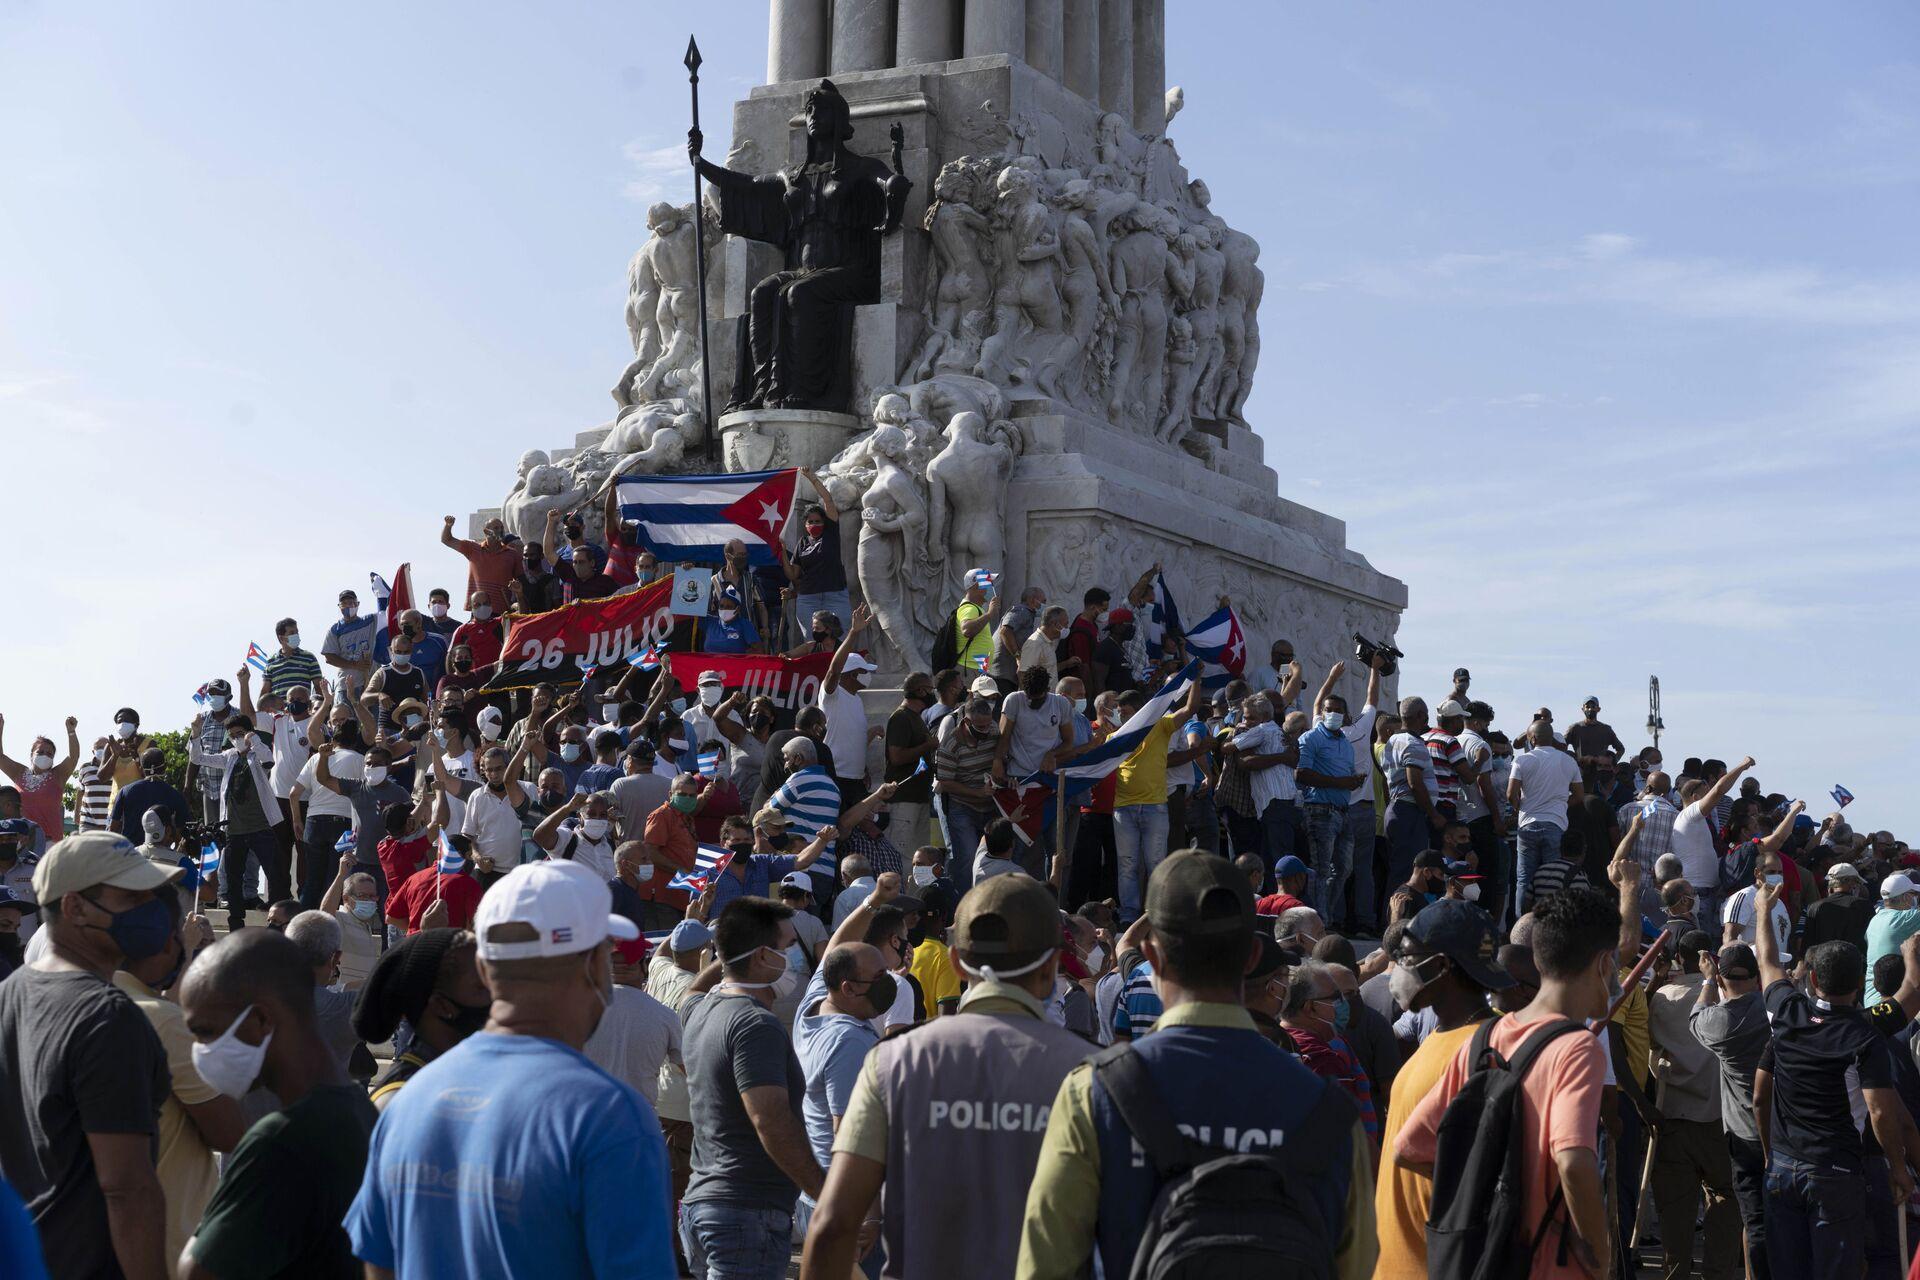 Hàng nghìn người Cuba xuống đường phản đối: ai đang rung lắc Hòn Đảo Tự do - Sputnik Việt Nam, 1920, 14.07.2021